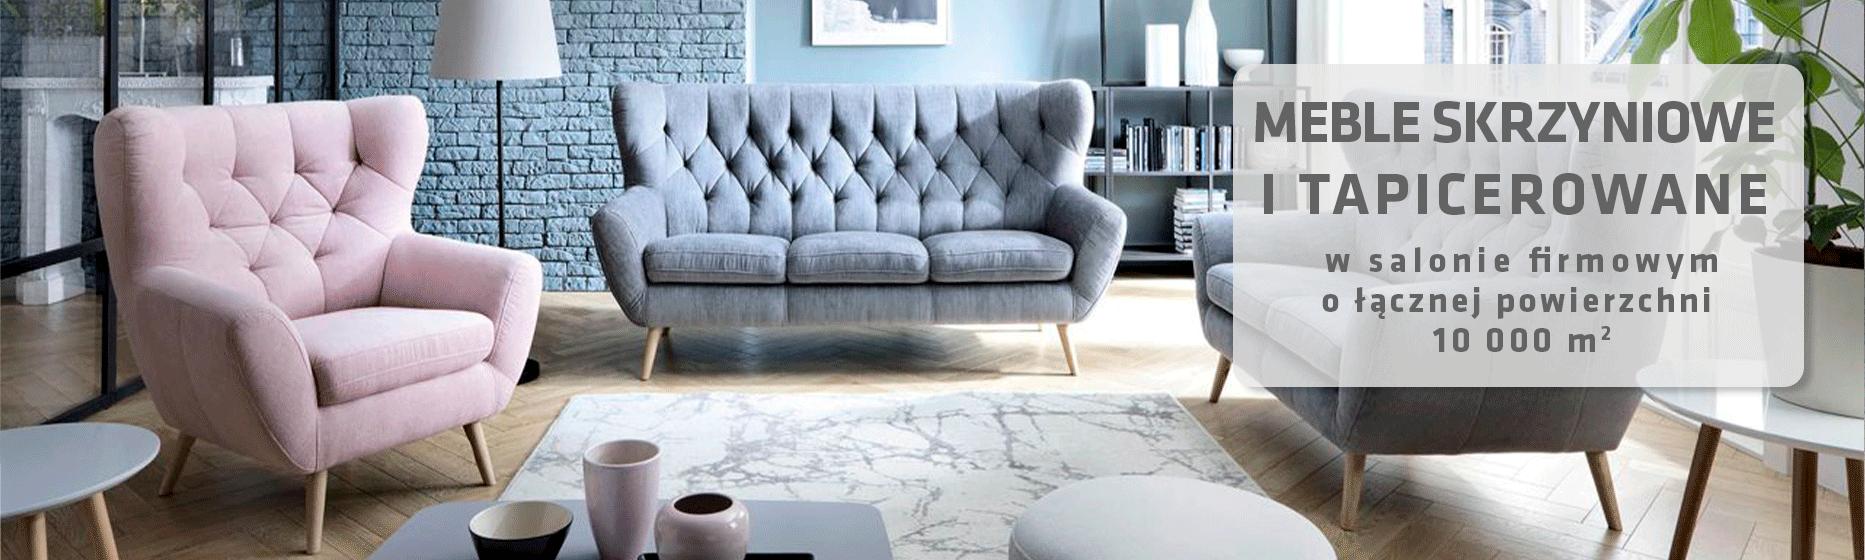 Kielecka Fabryka Mebli Piękne Meble Dla Twojego Domu